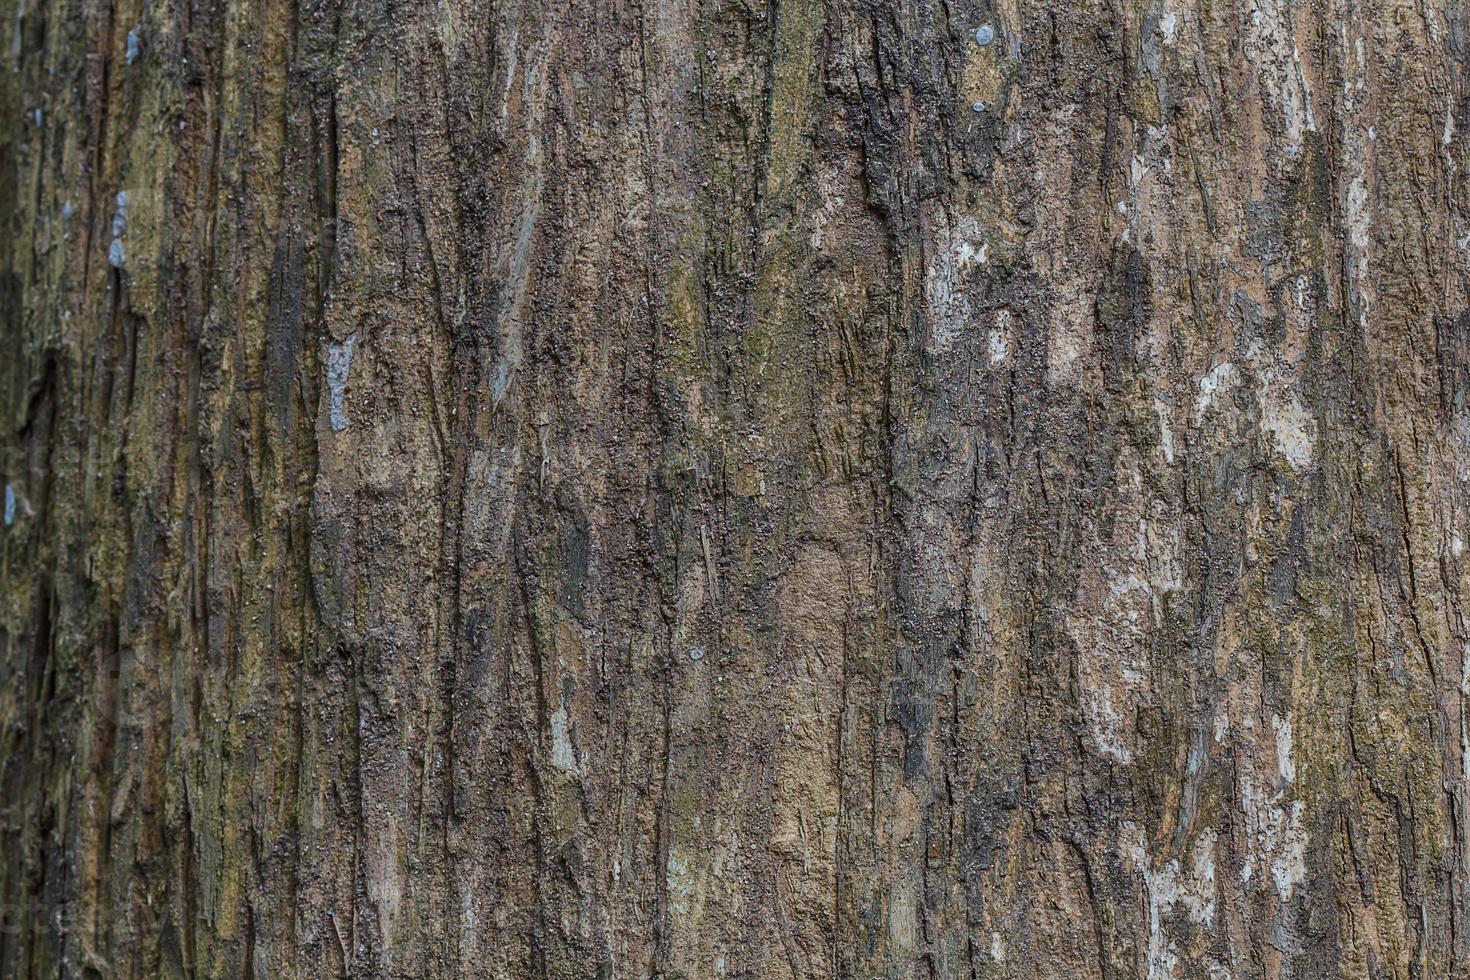 struttura della corteccia di albero struttura di legno / fondo di struttura di legno foto